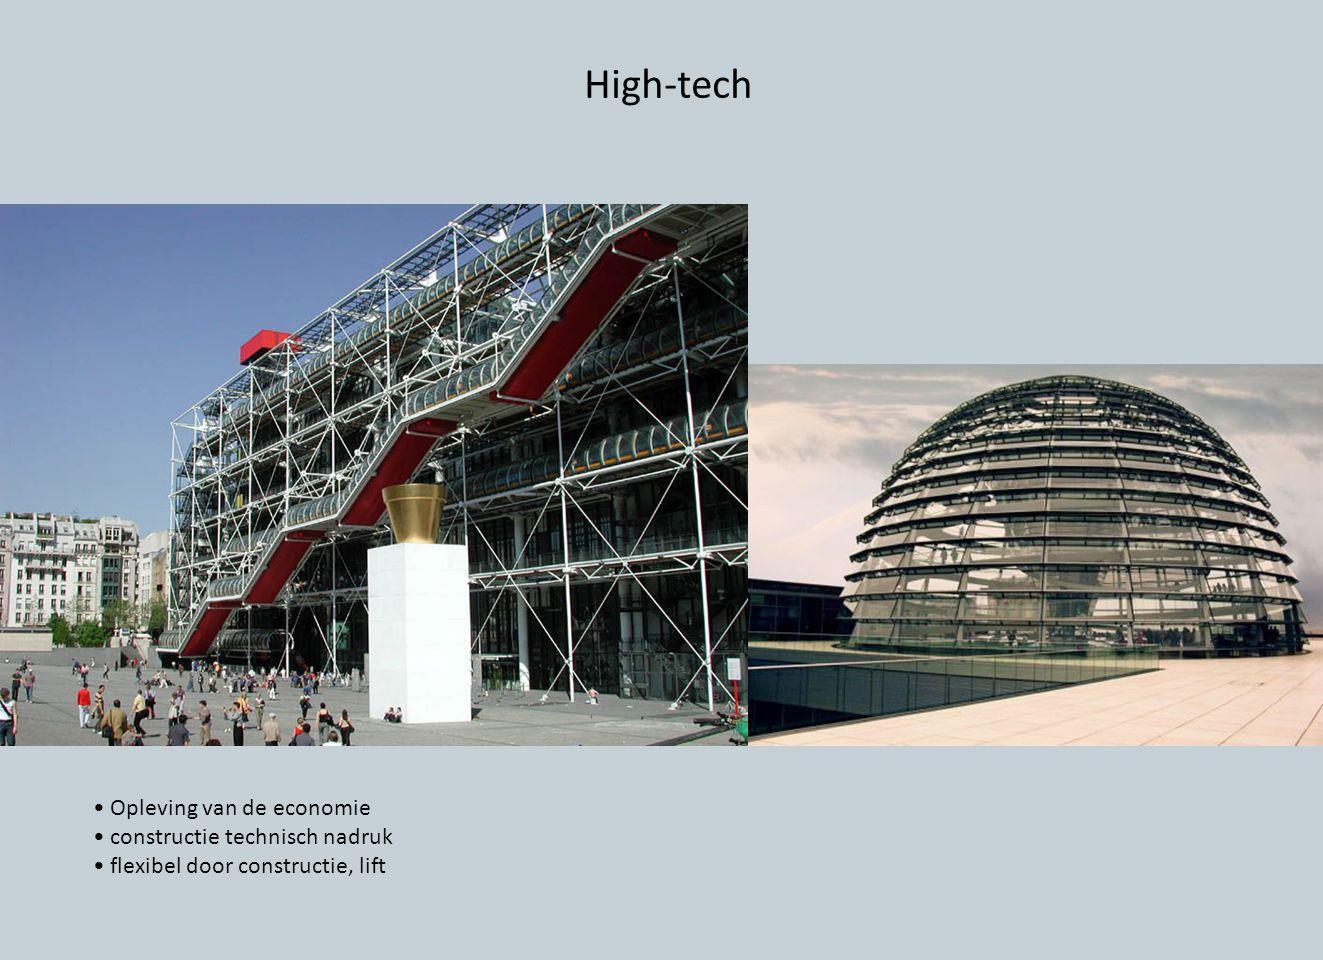 High-tech • Opleving van de economie • constructie technisch nadruk